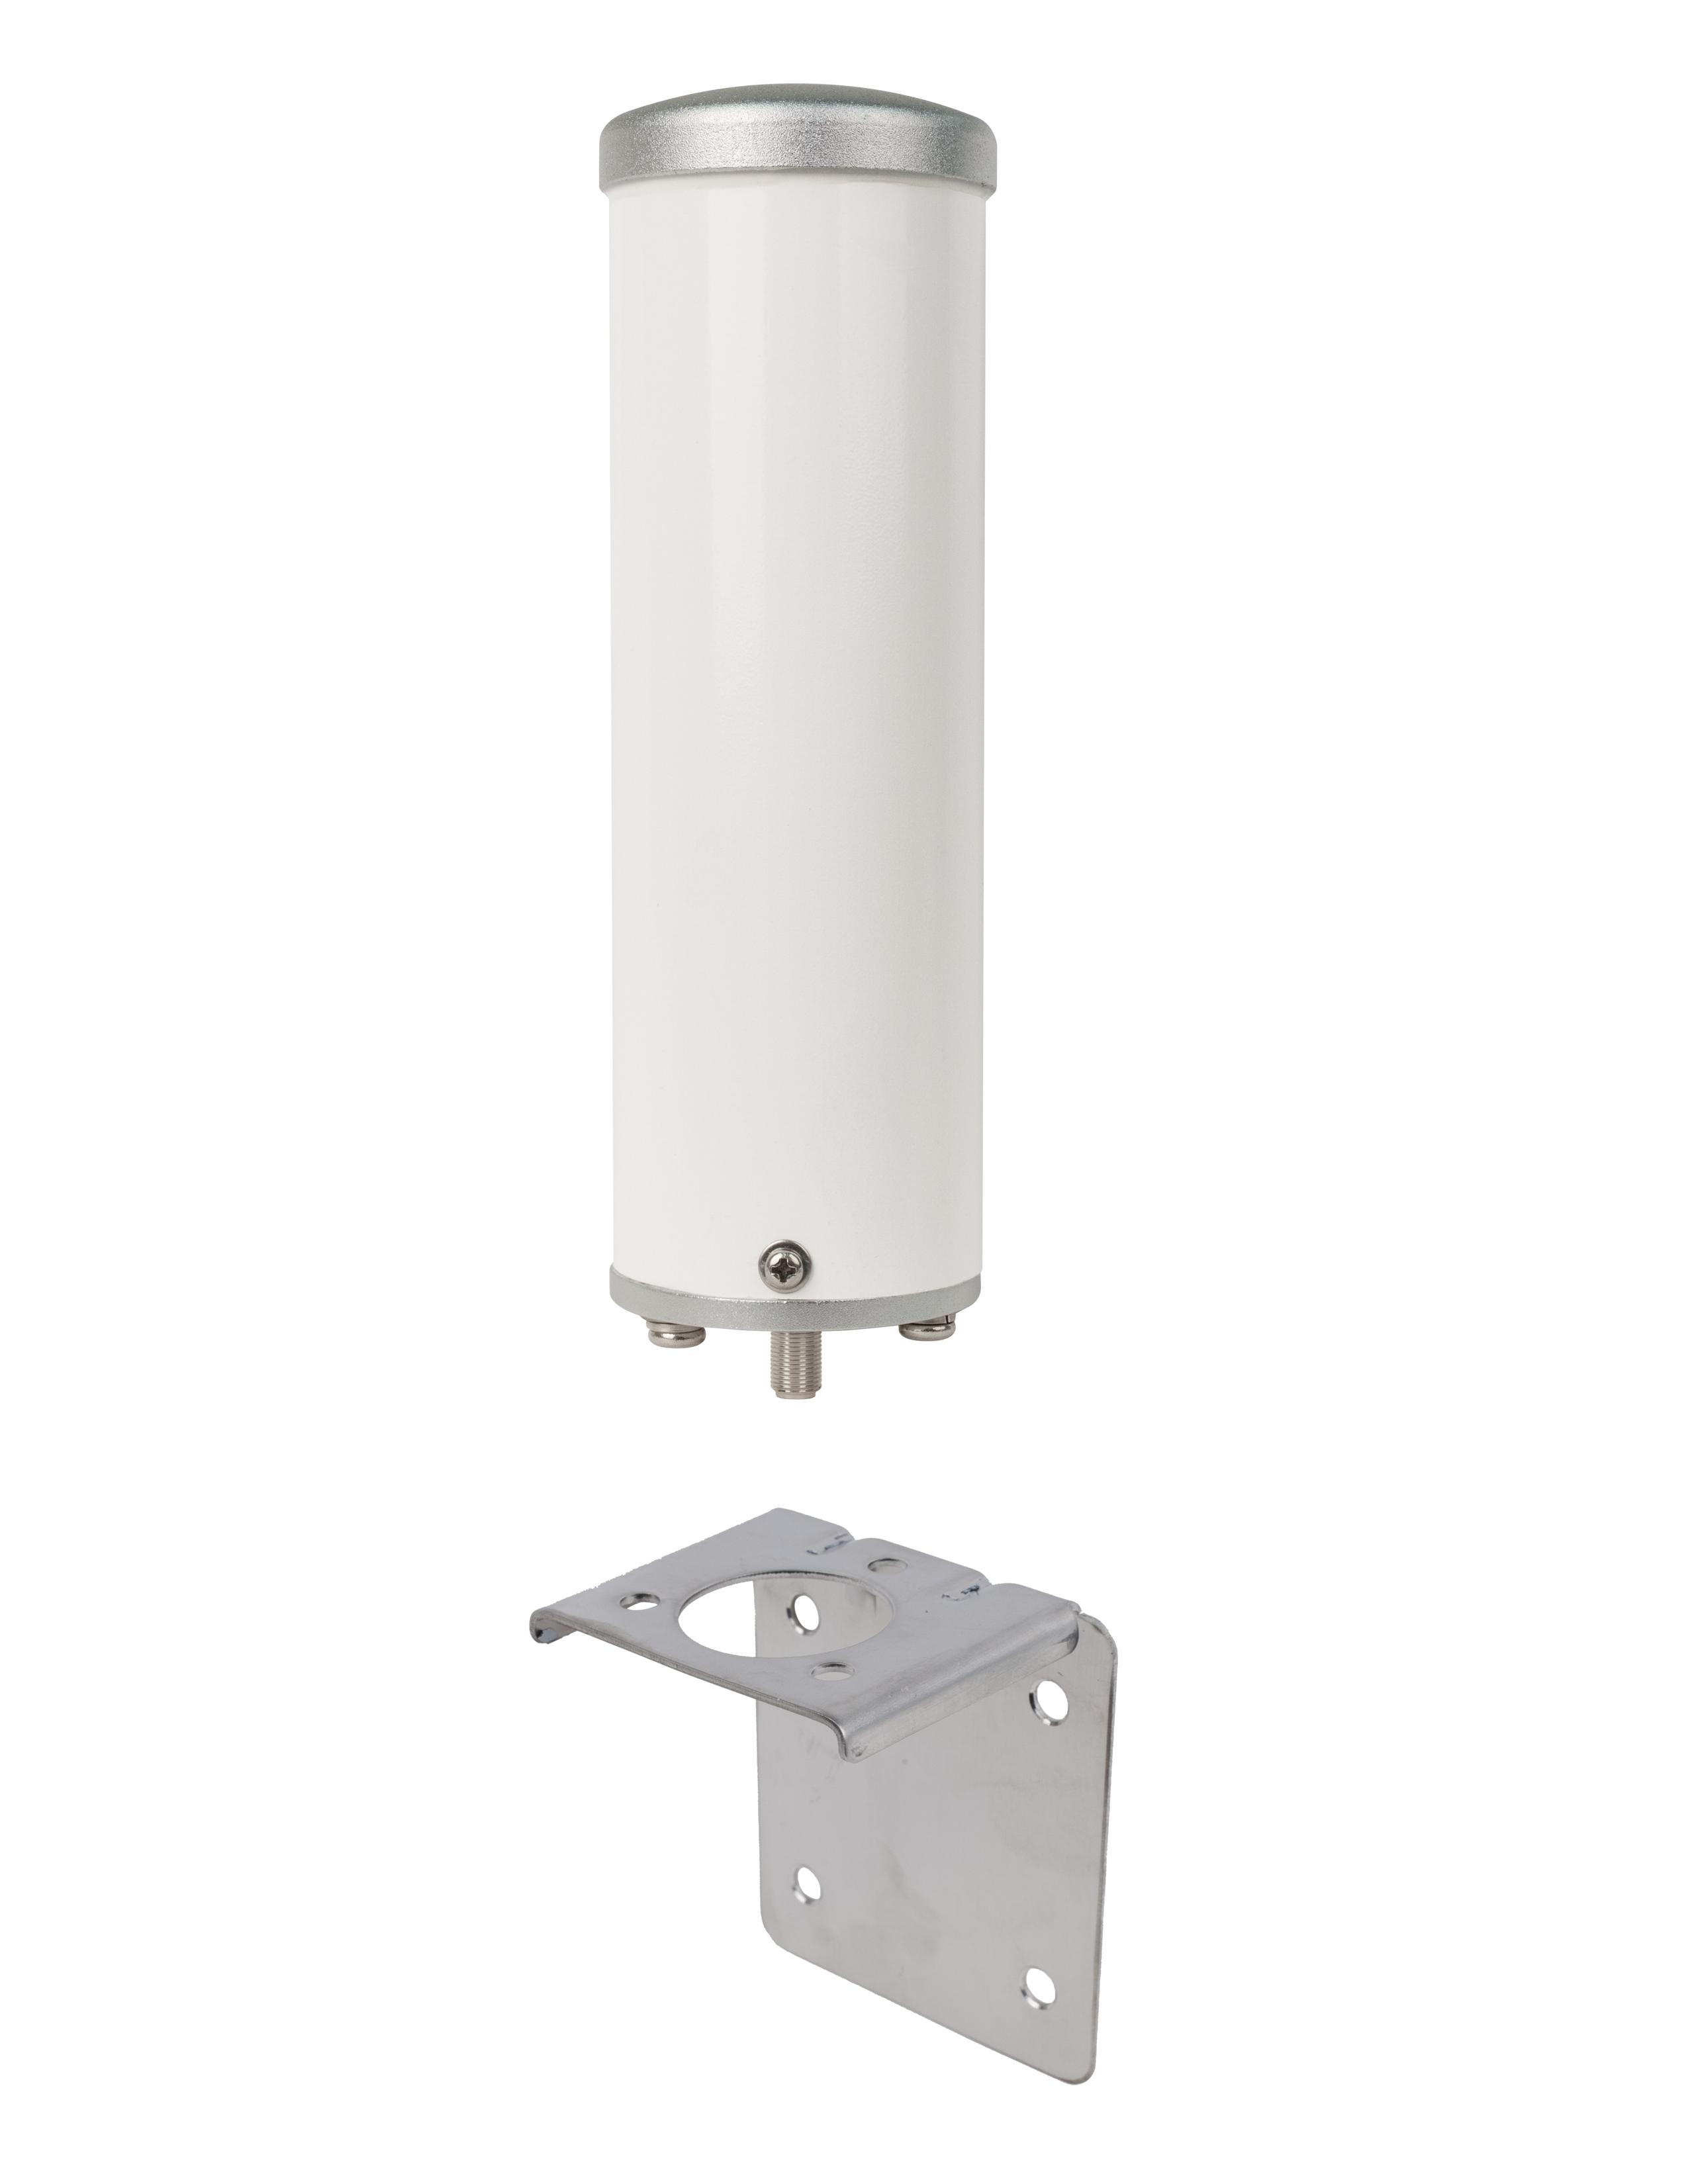 https://assets.wilsonelectronics.com/m/5d97af6f55877fa2/original/4g-omni-plus-building-antenna-304423-bracket.jpg